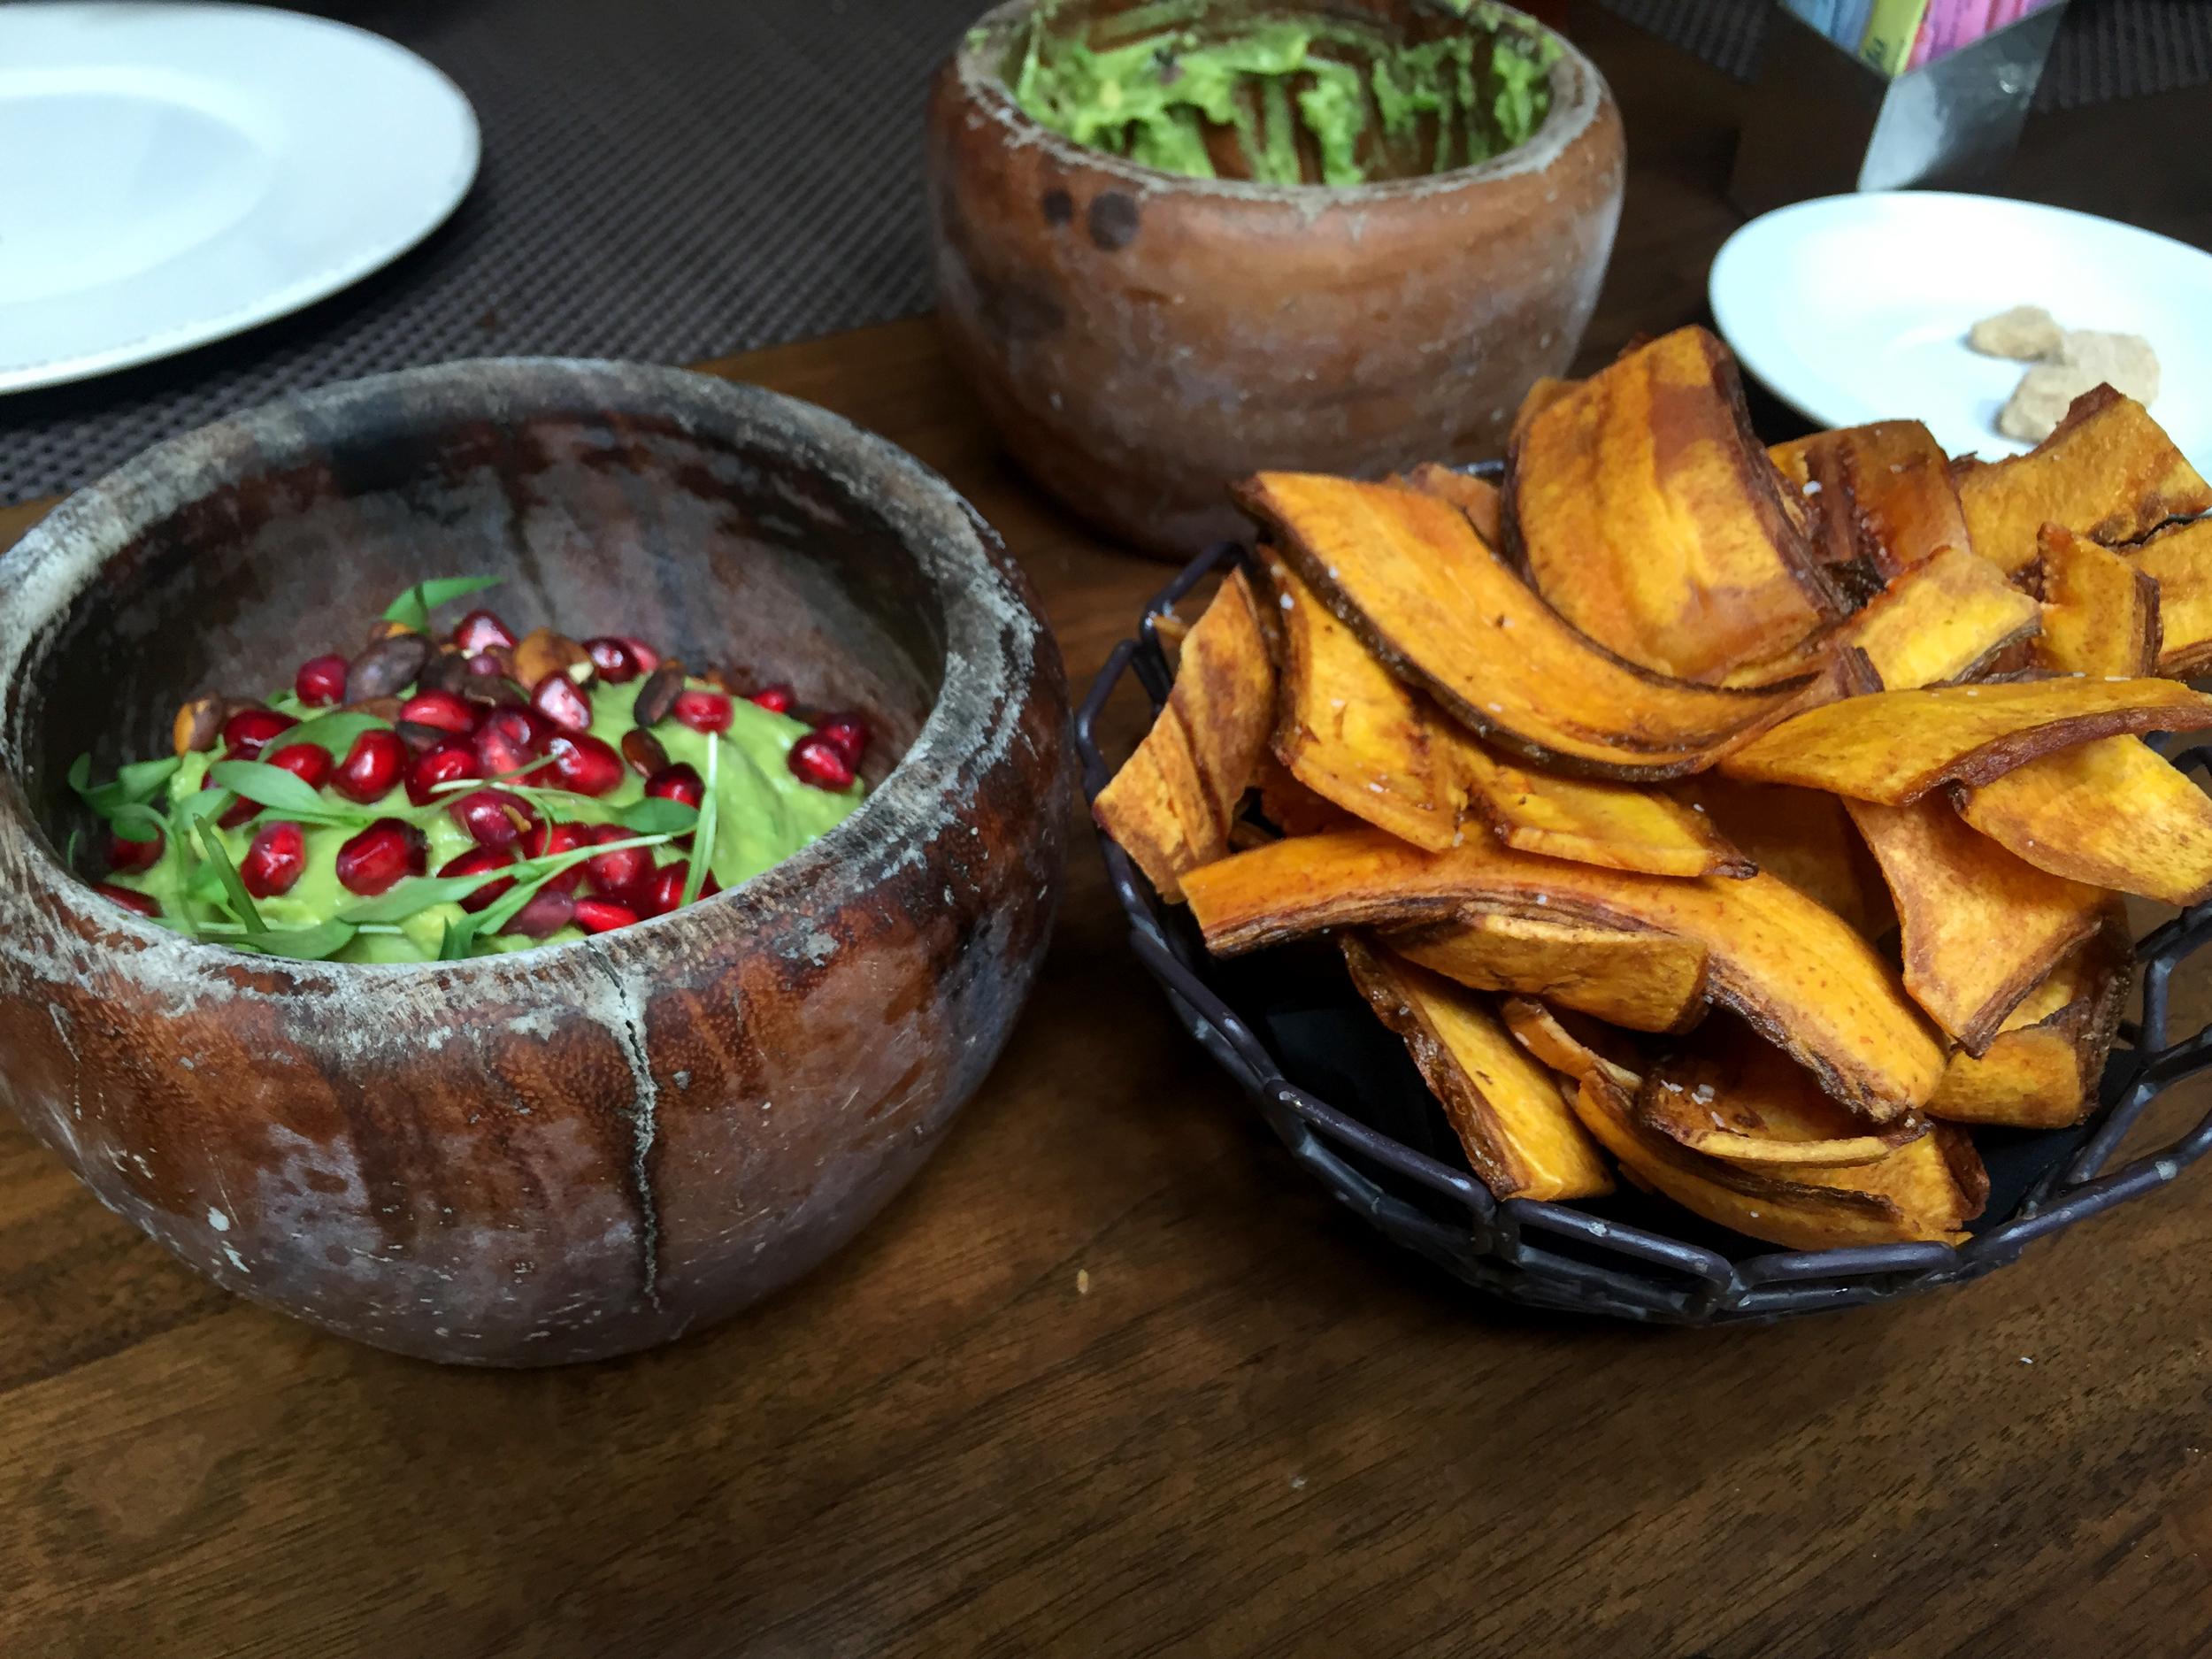 Guacamole and Plantain Chips at Toca Madera